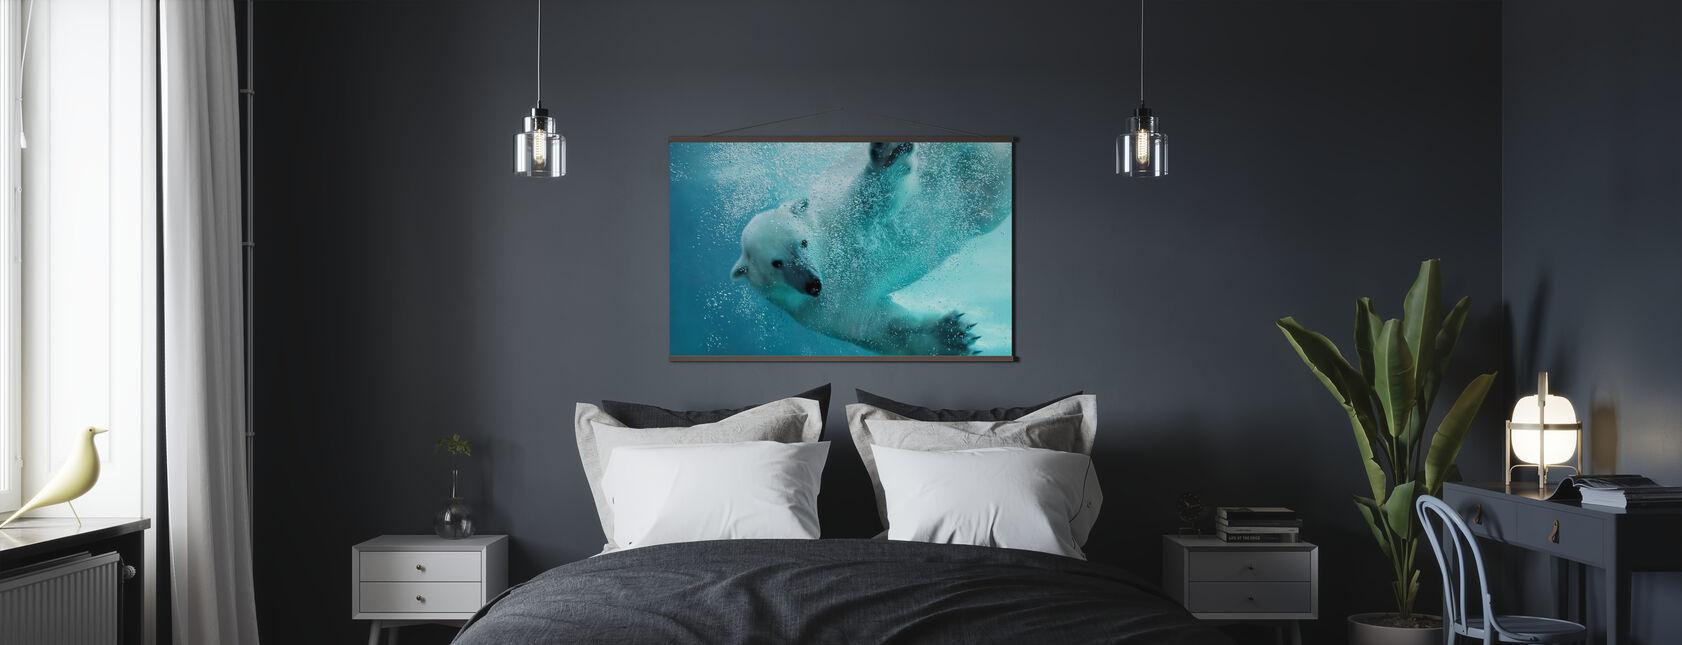 Undervanns isbjørn - Plakat - Soverom